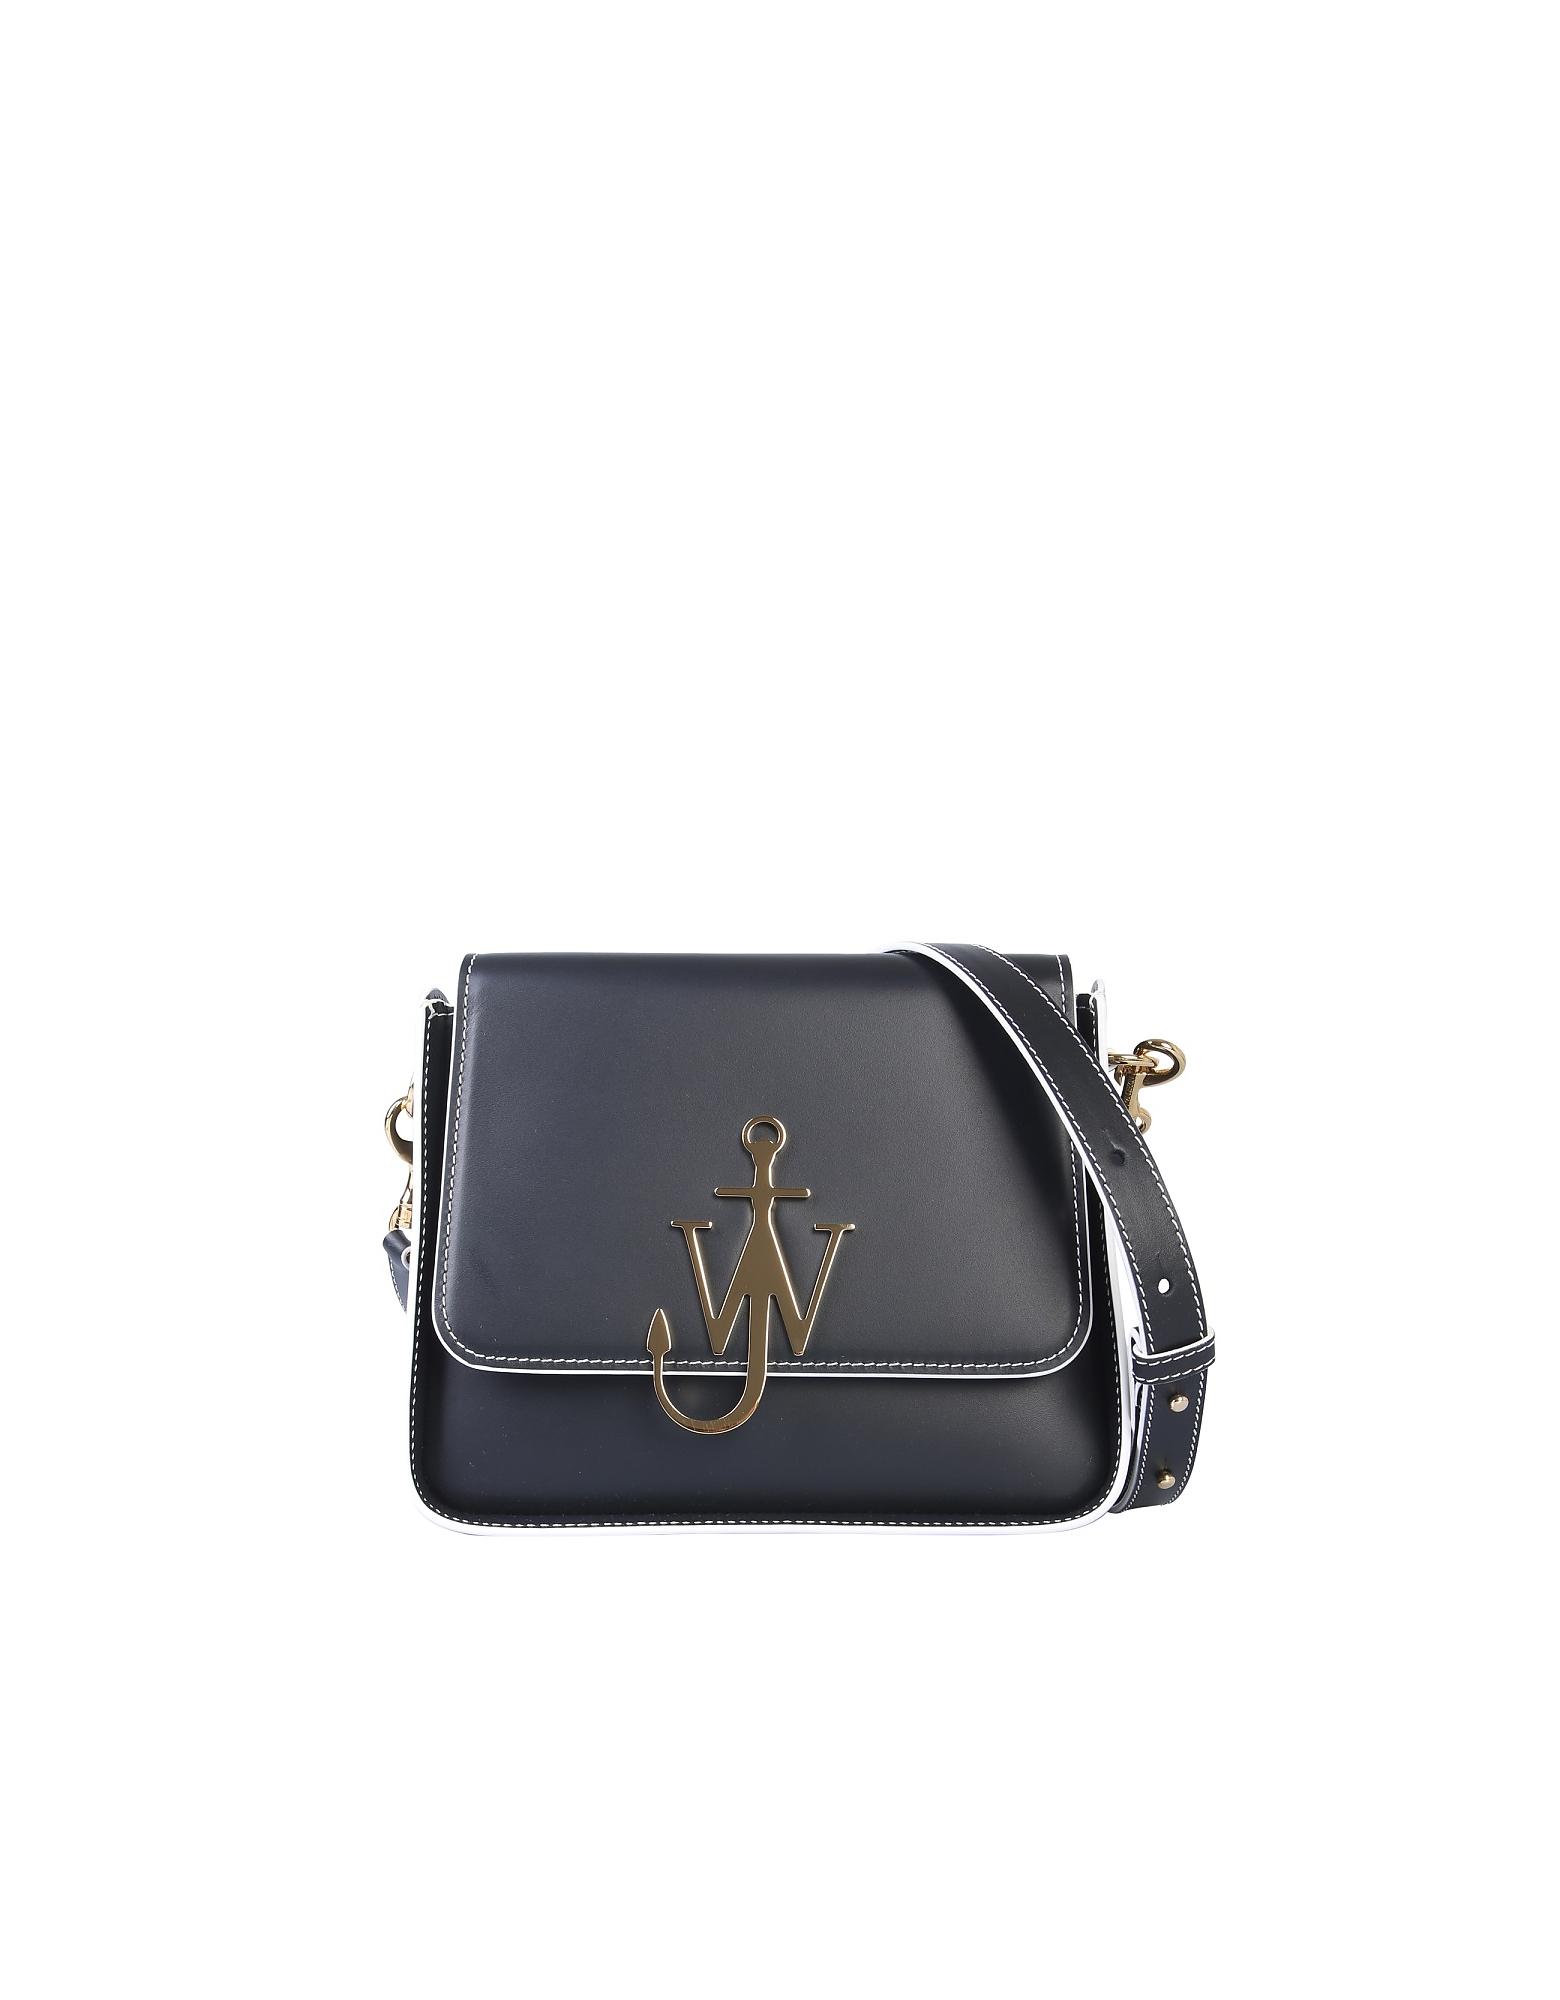 JW Anderson Designer Handbags, Anchor Bag